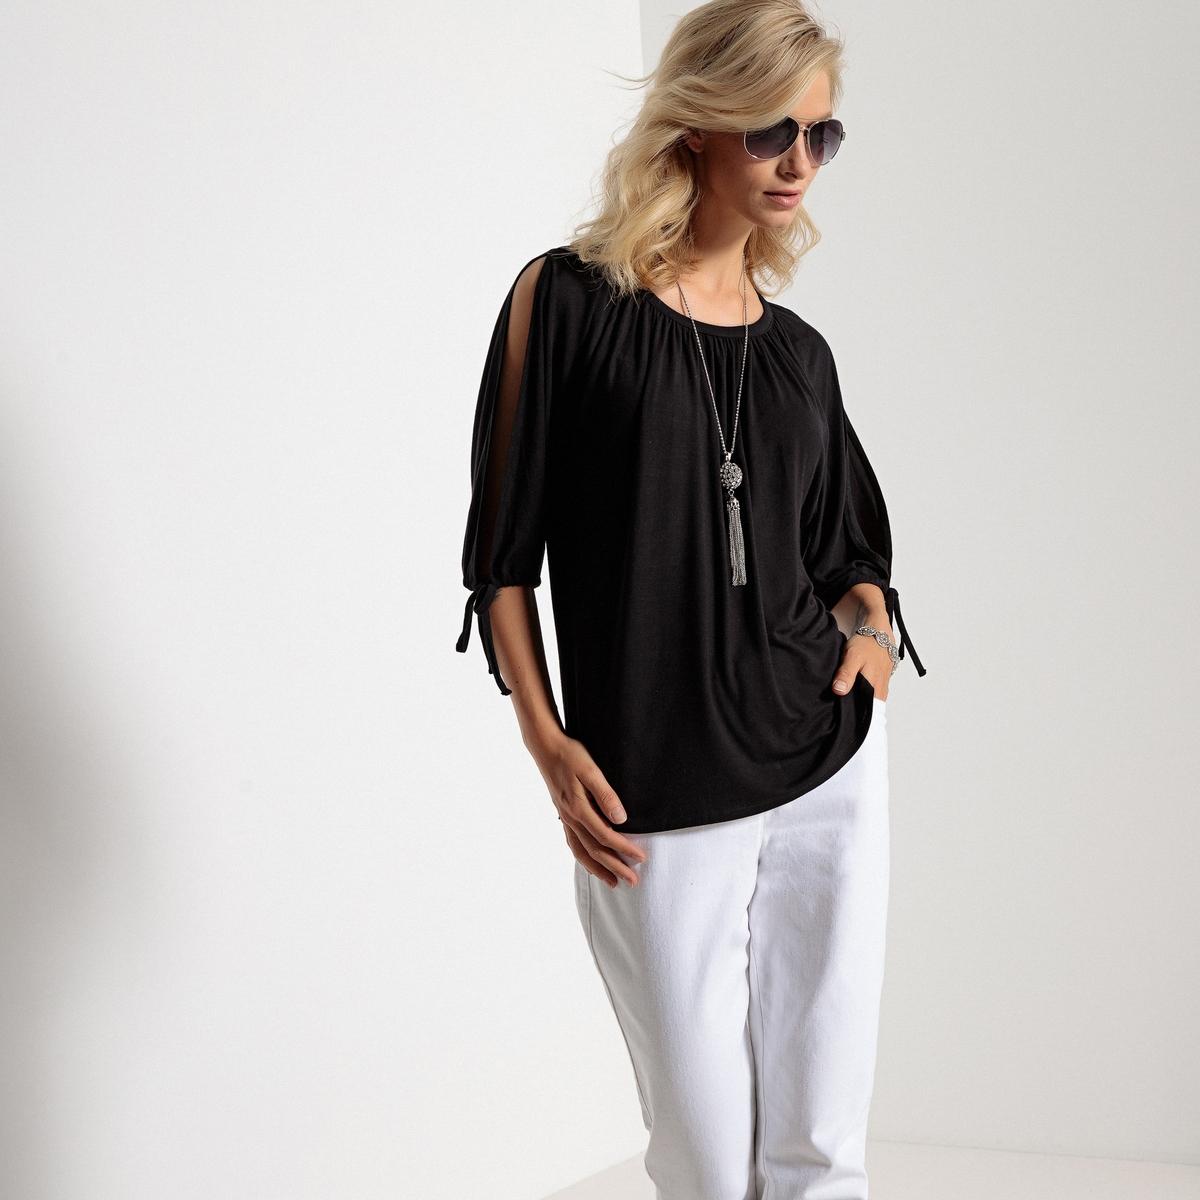 Imagen secundaria de producto de Camiseta con cuello barco y manga corta con abertu - Anne weyburn